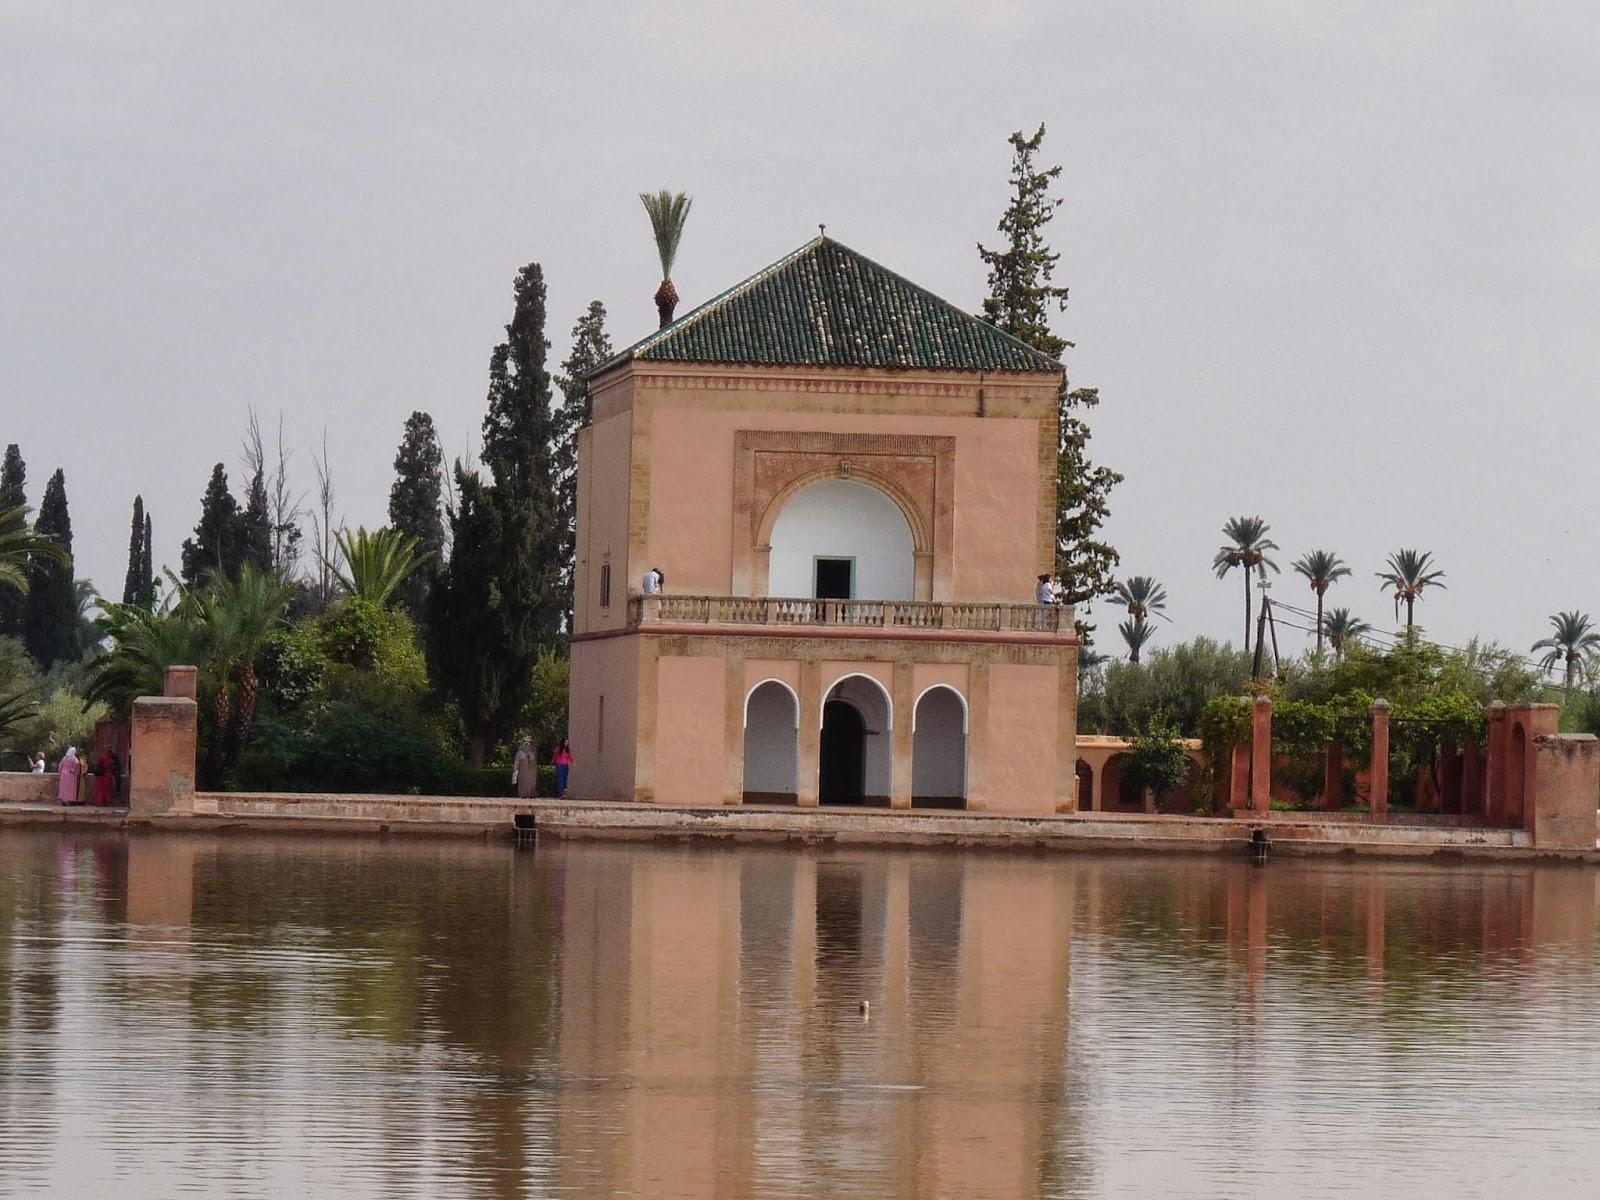 Descubriendo en familia: Día 5. Atardecer lleno de magia en Marrakech